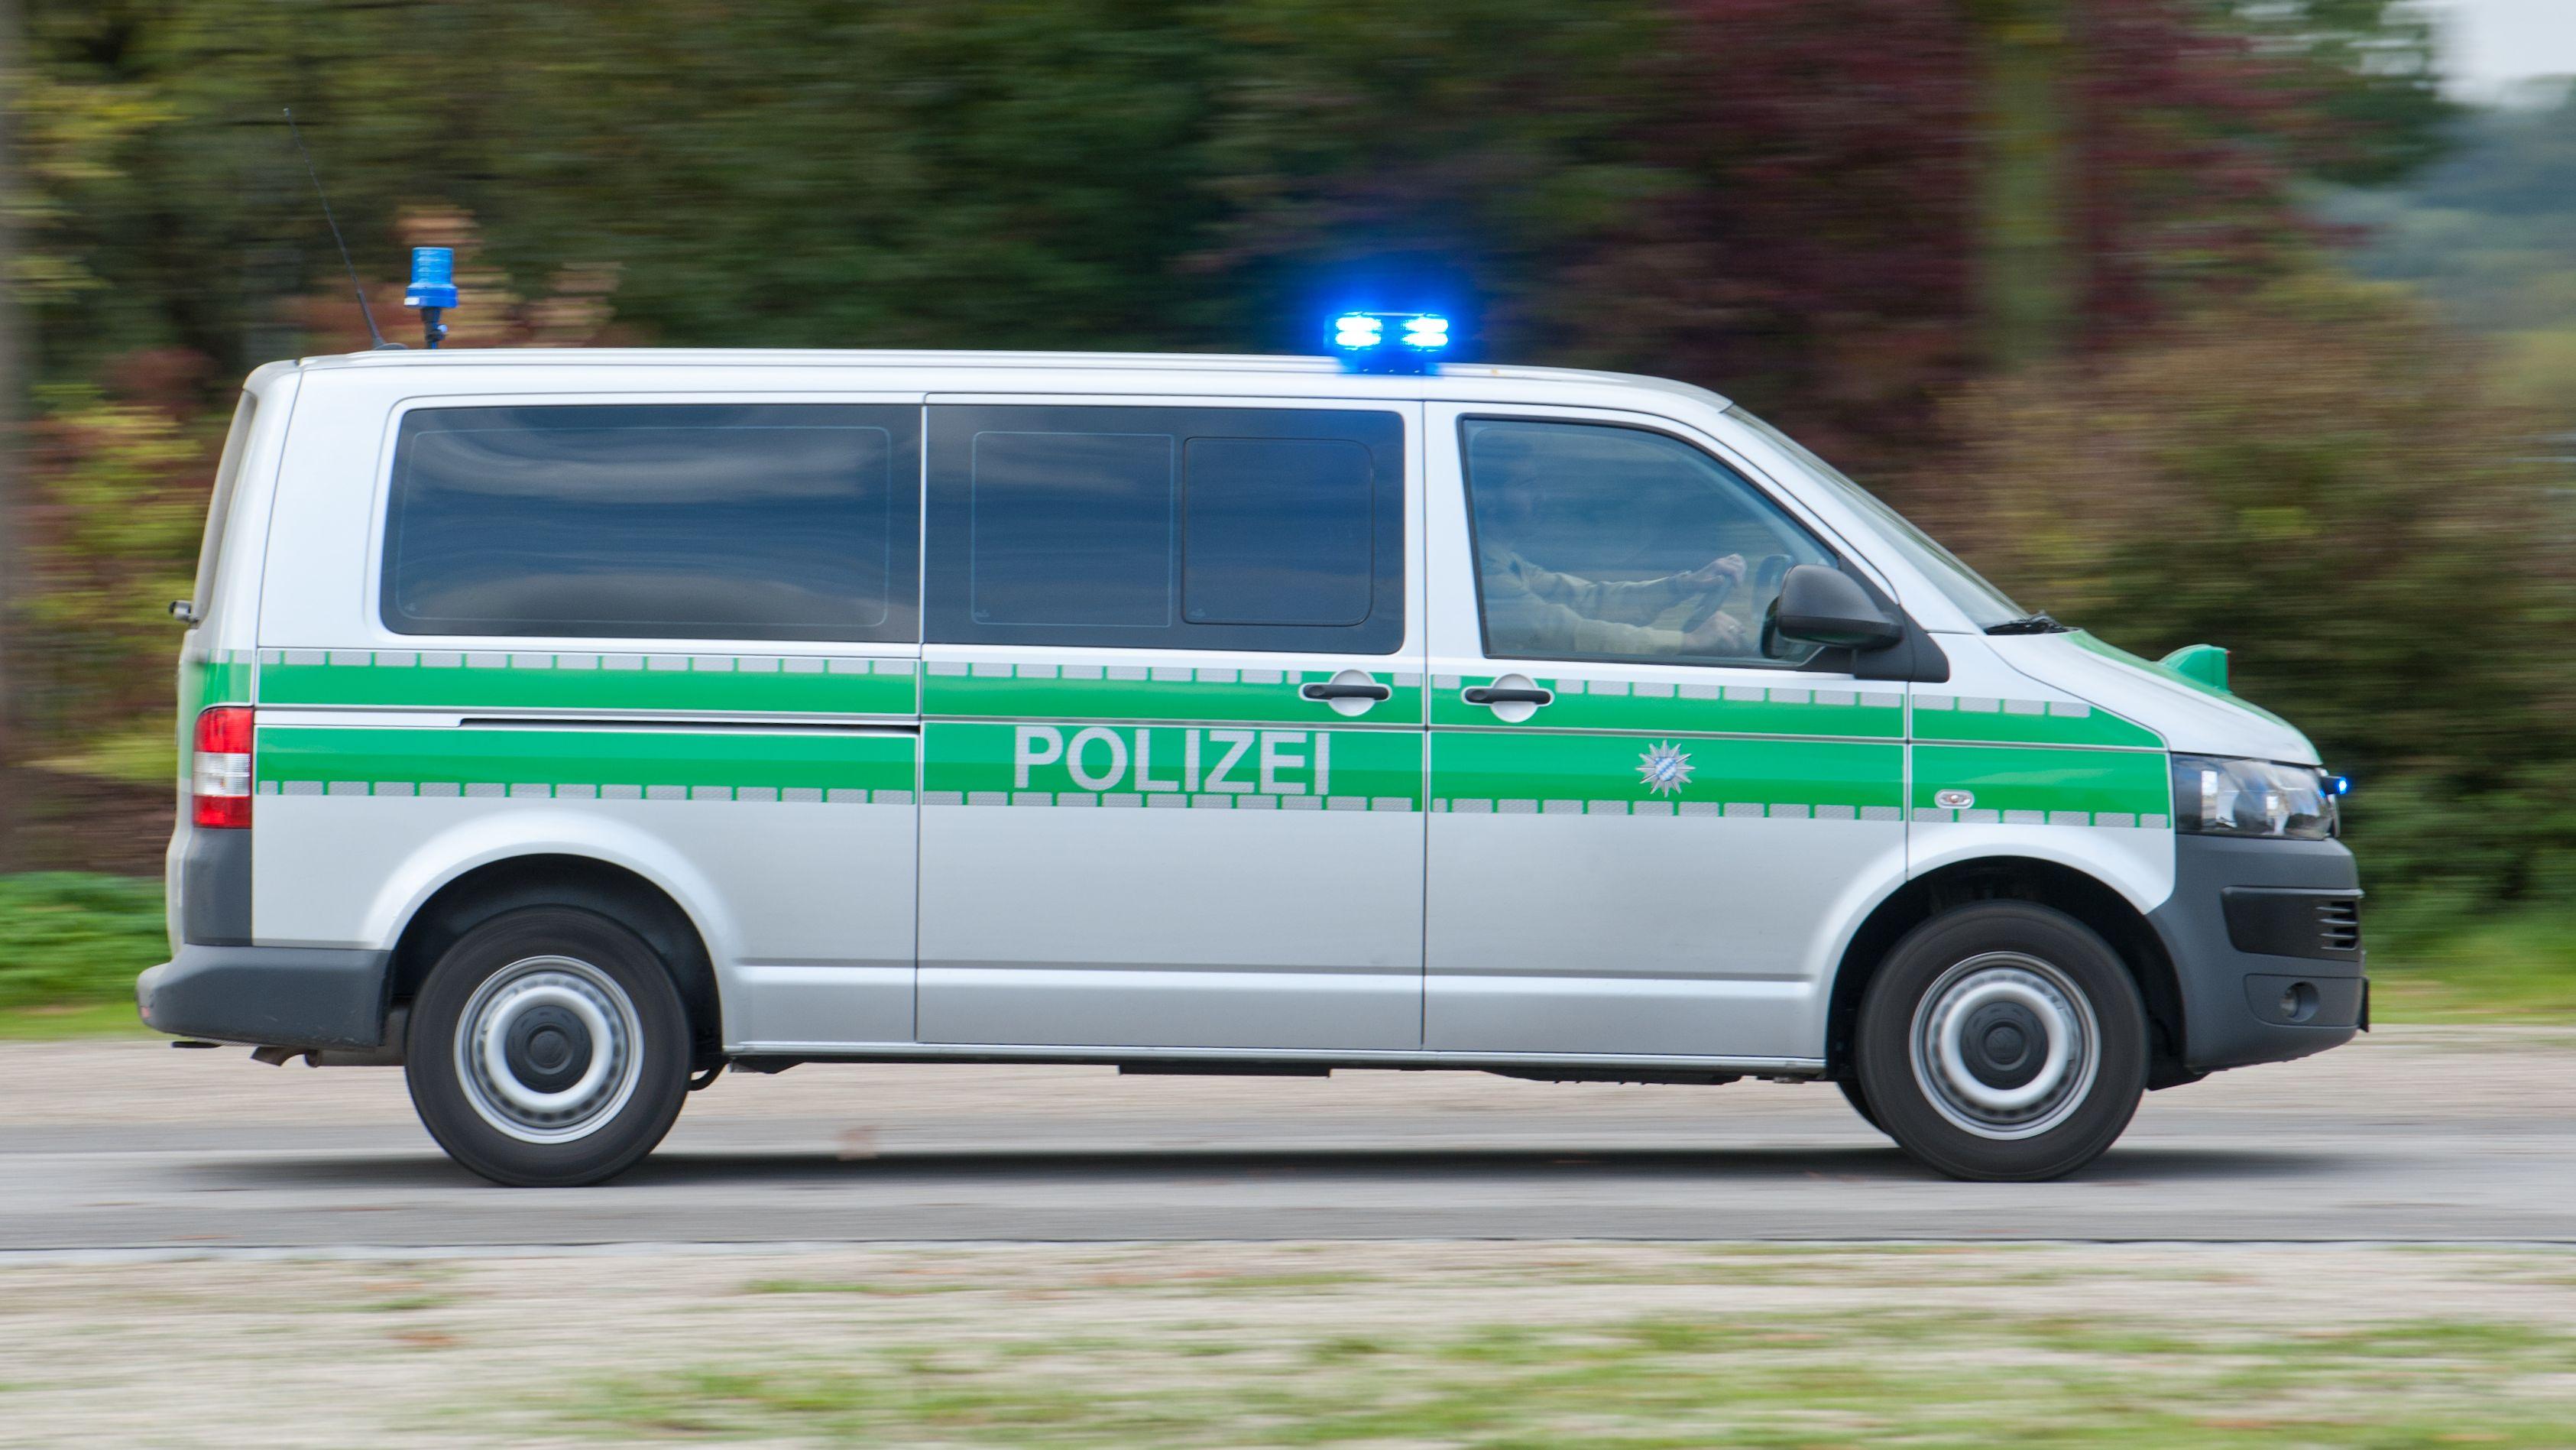 Polizeifahrzeug mit Blaulicht (Symbolbild)